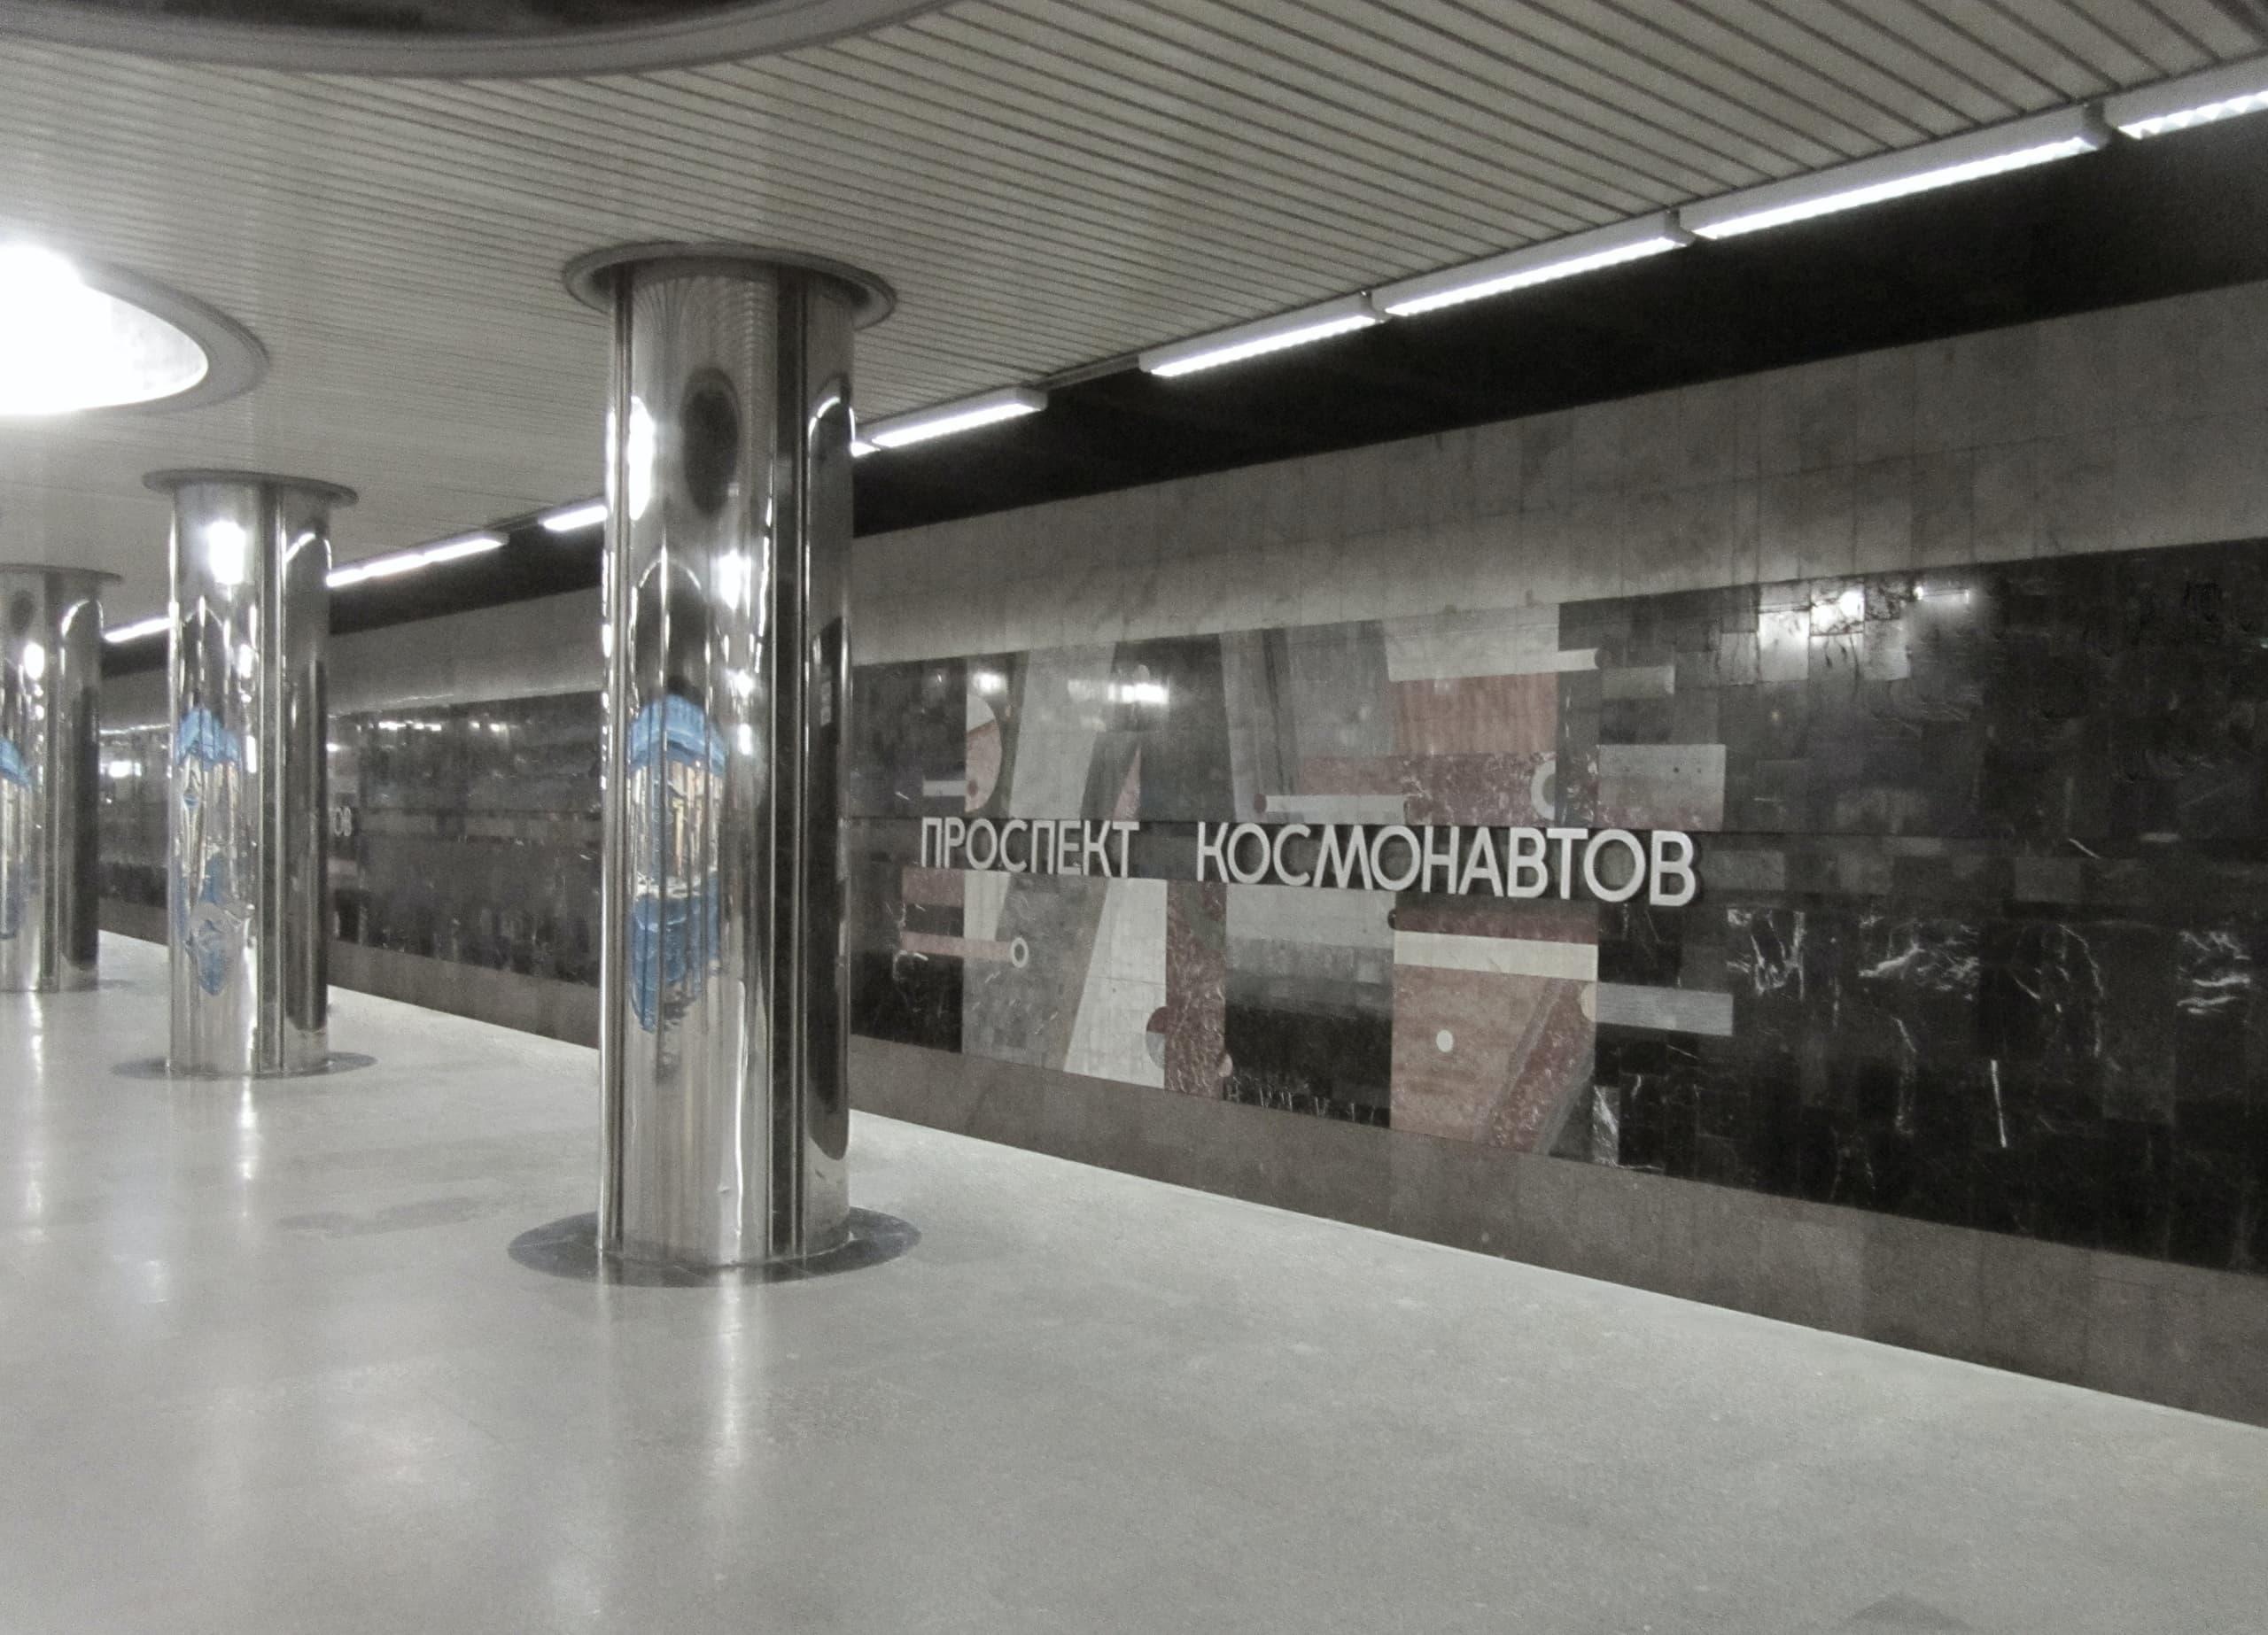 Борис Клочков, флорентийская мозаика из уральских камней «Космические пейзажи» на путевых стенах, метро «Проспект Космонавтов»